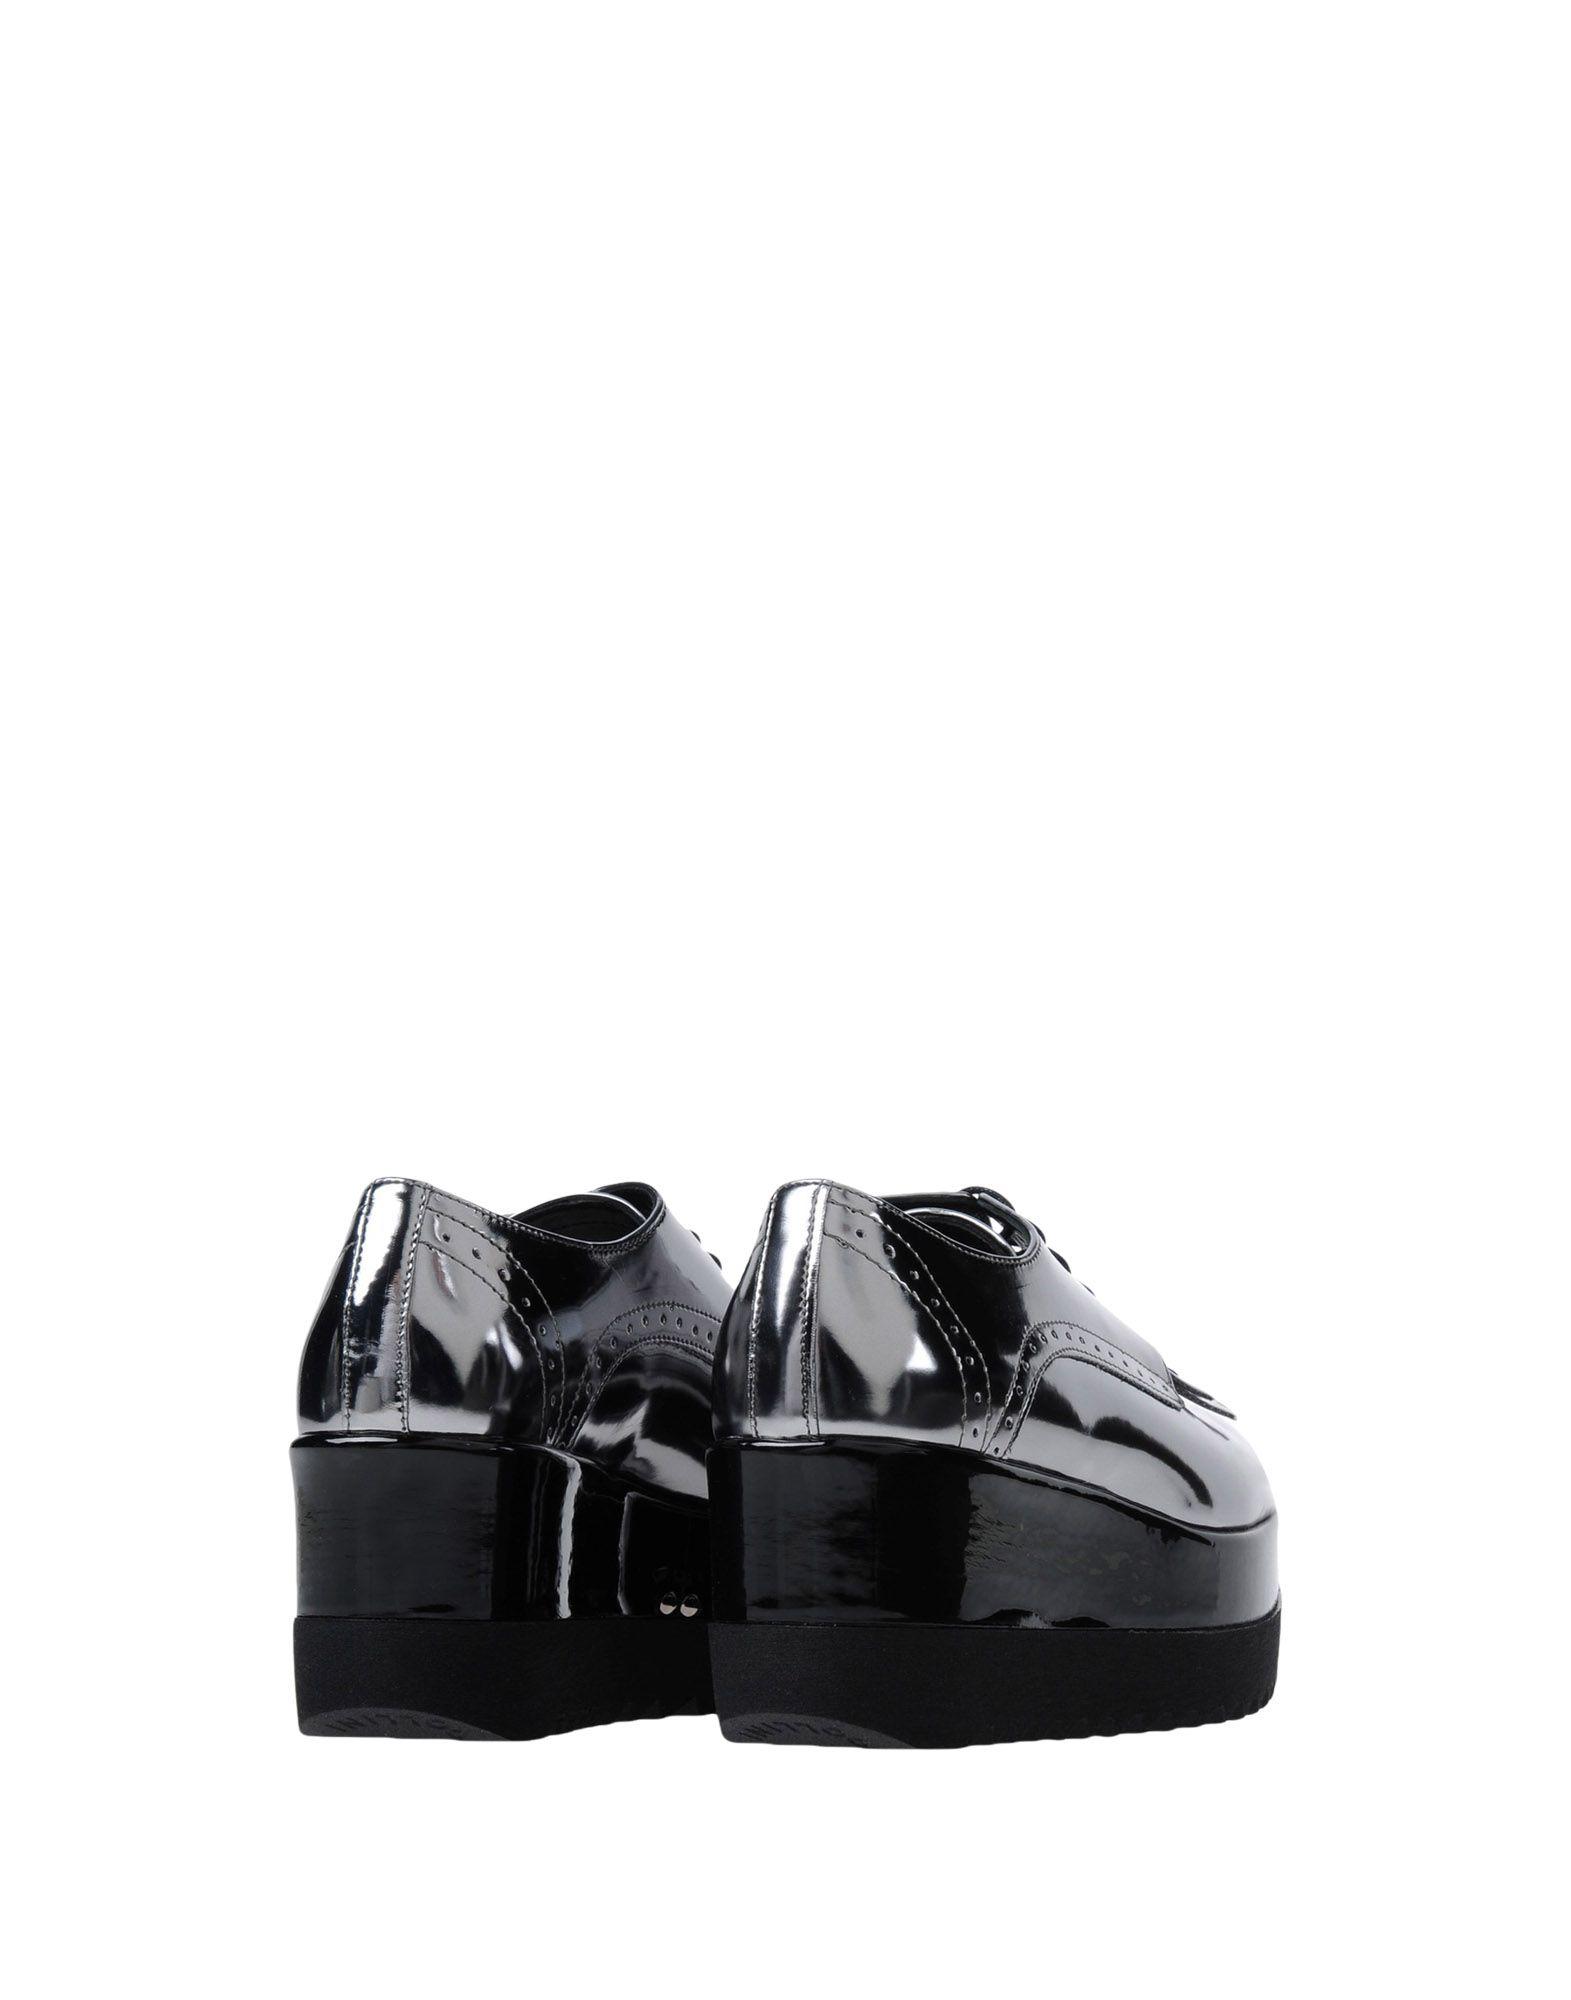 Chaussure À Lacets. No. 114 Passion De La Chaussure D'argent 6jpI7wjJA